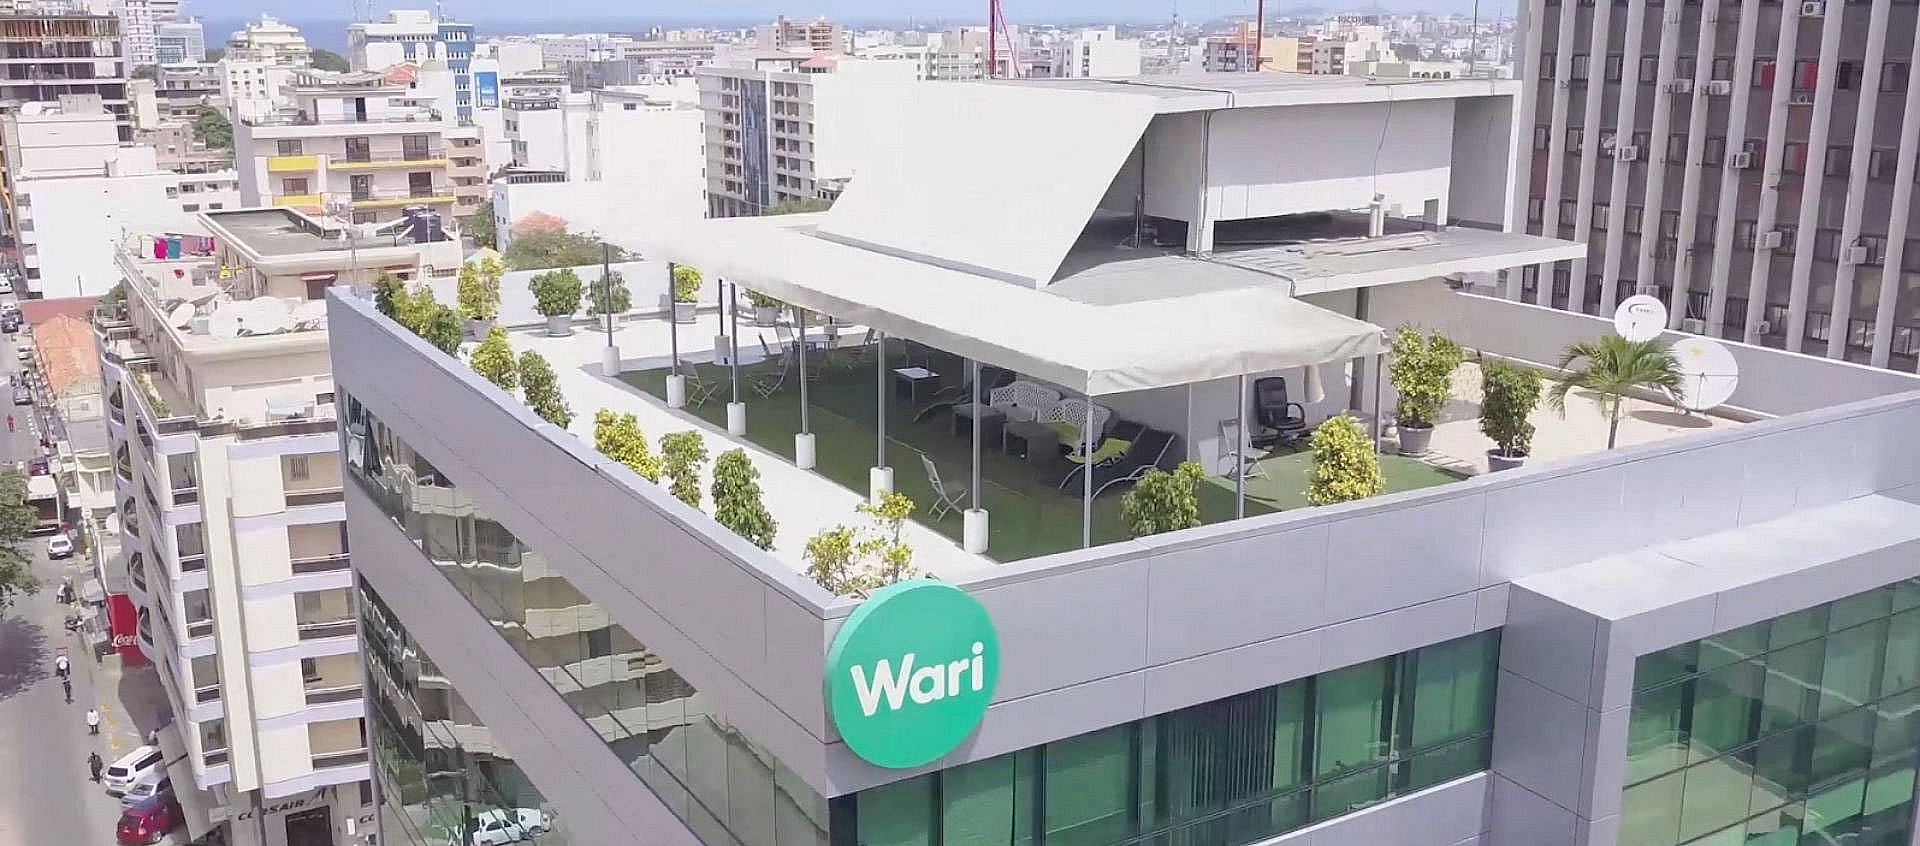 WhatsApp permet désormais à ses utilisateurs d'utiliser les services financiers de Wari